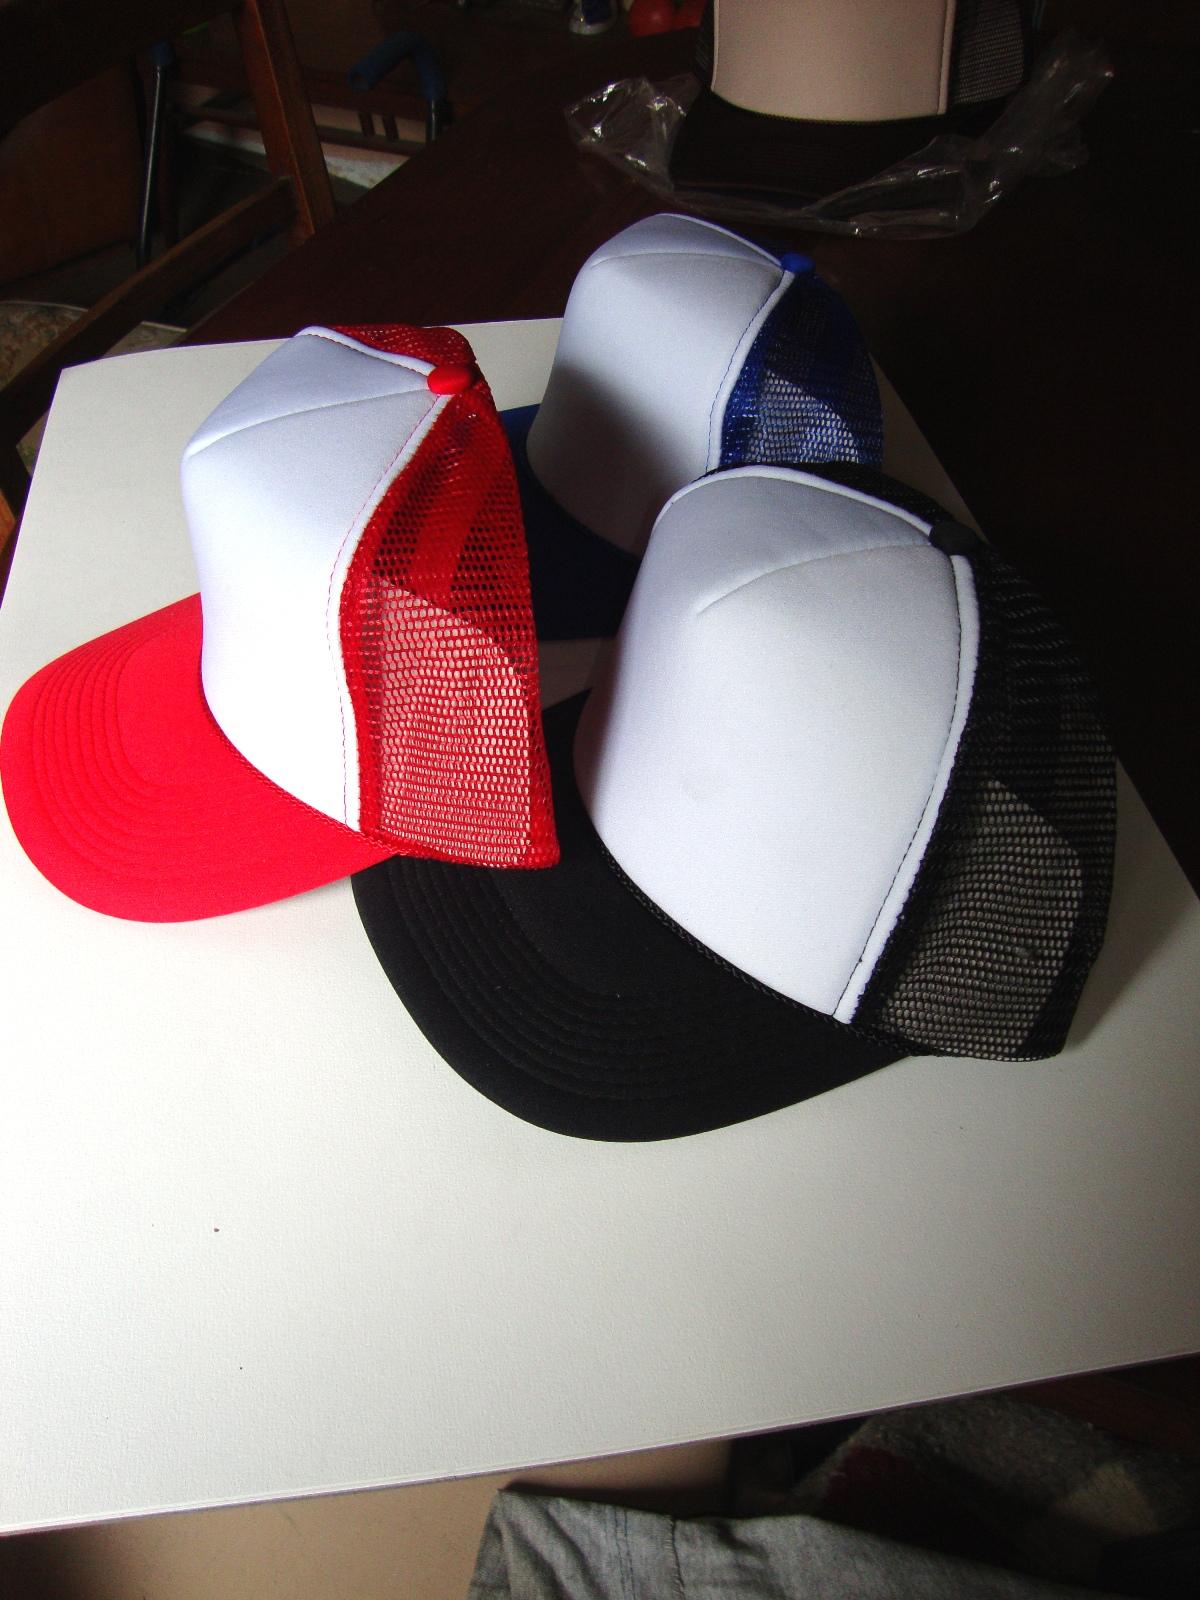 disfruta del mejor precio diseñador nuevo y usado siempre popular Gorras camioneras: Gorras camioneras en blanco o pintadas ...